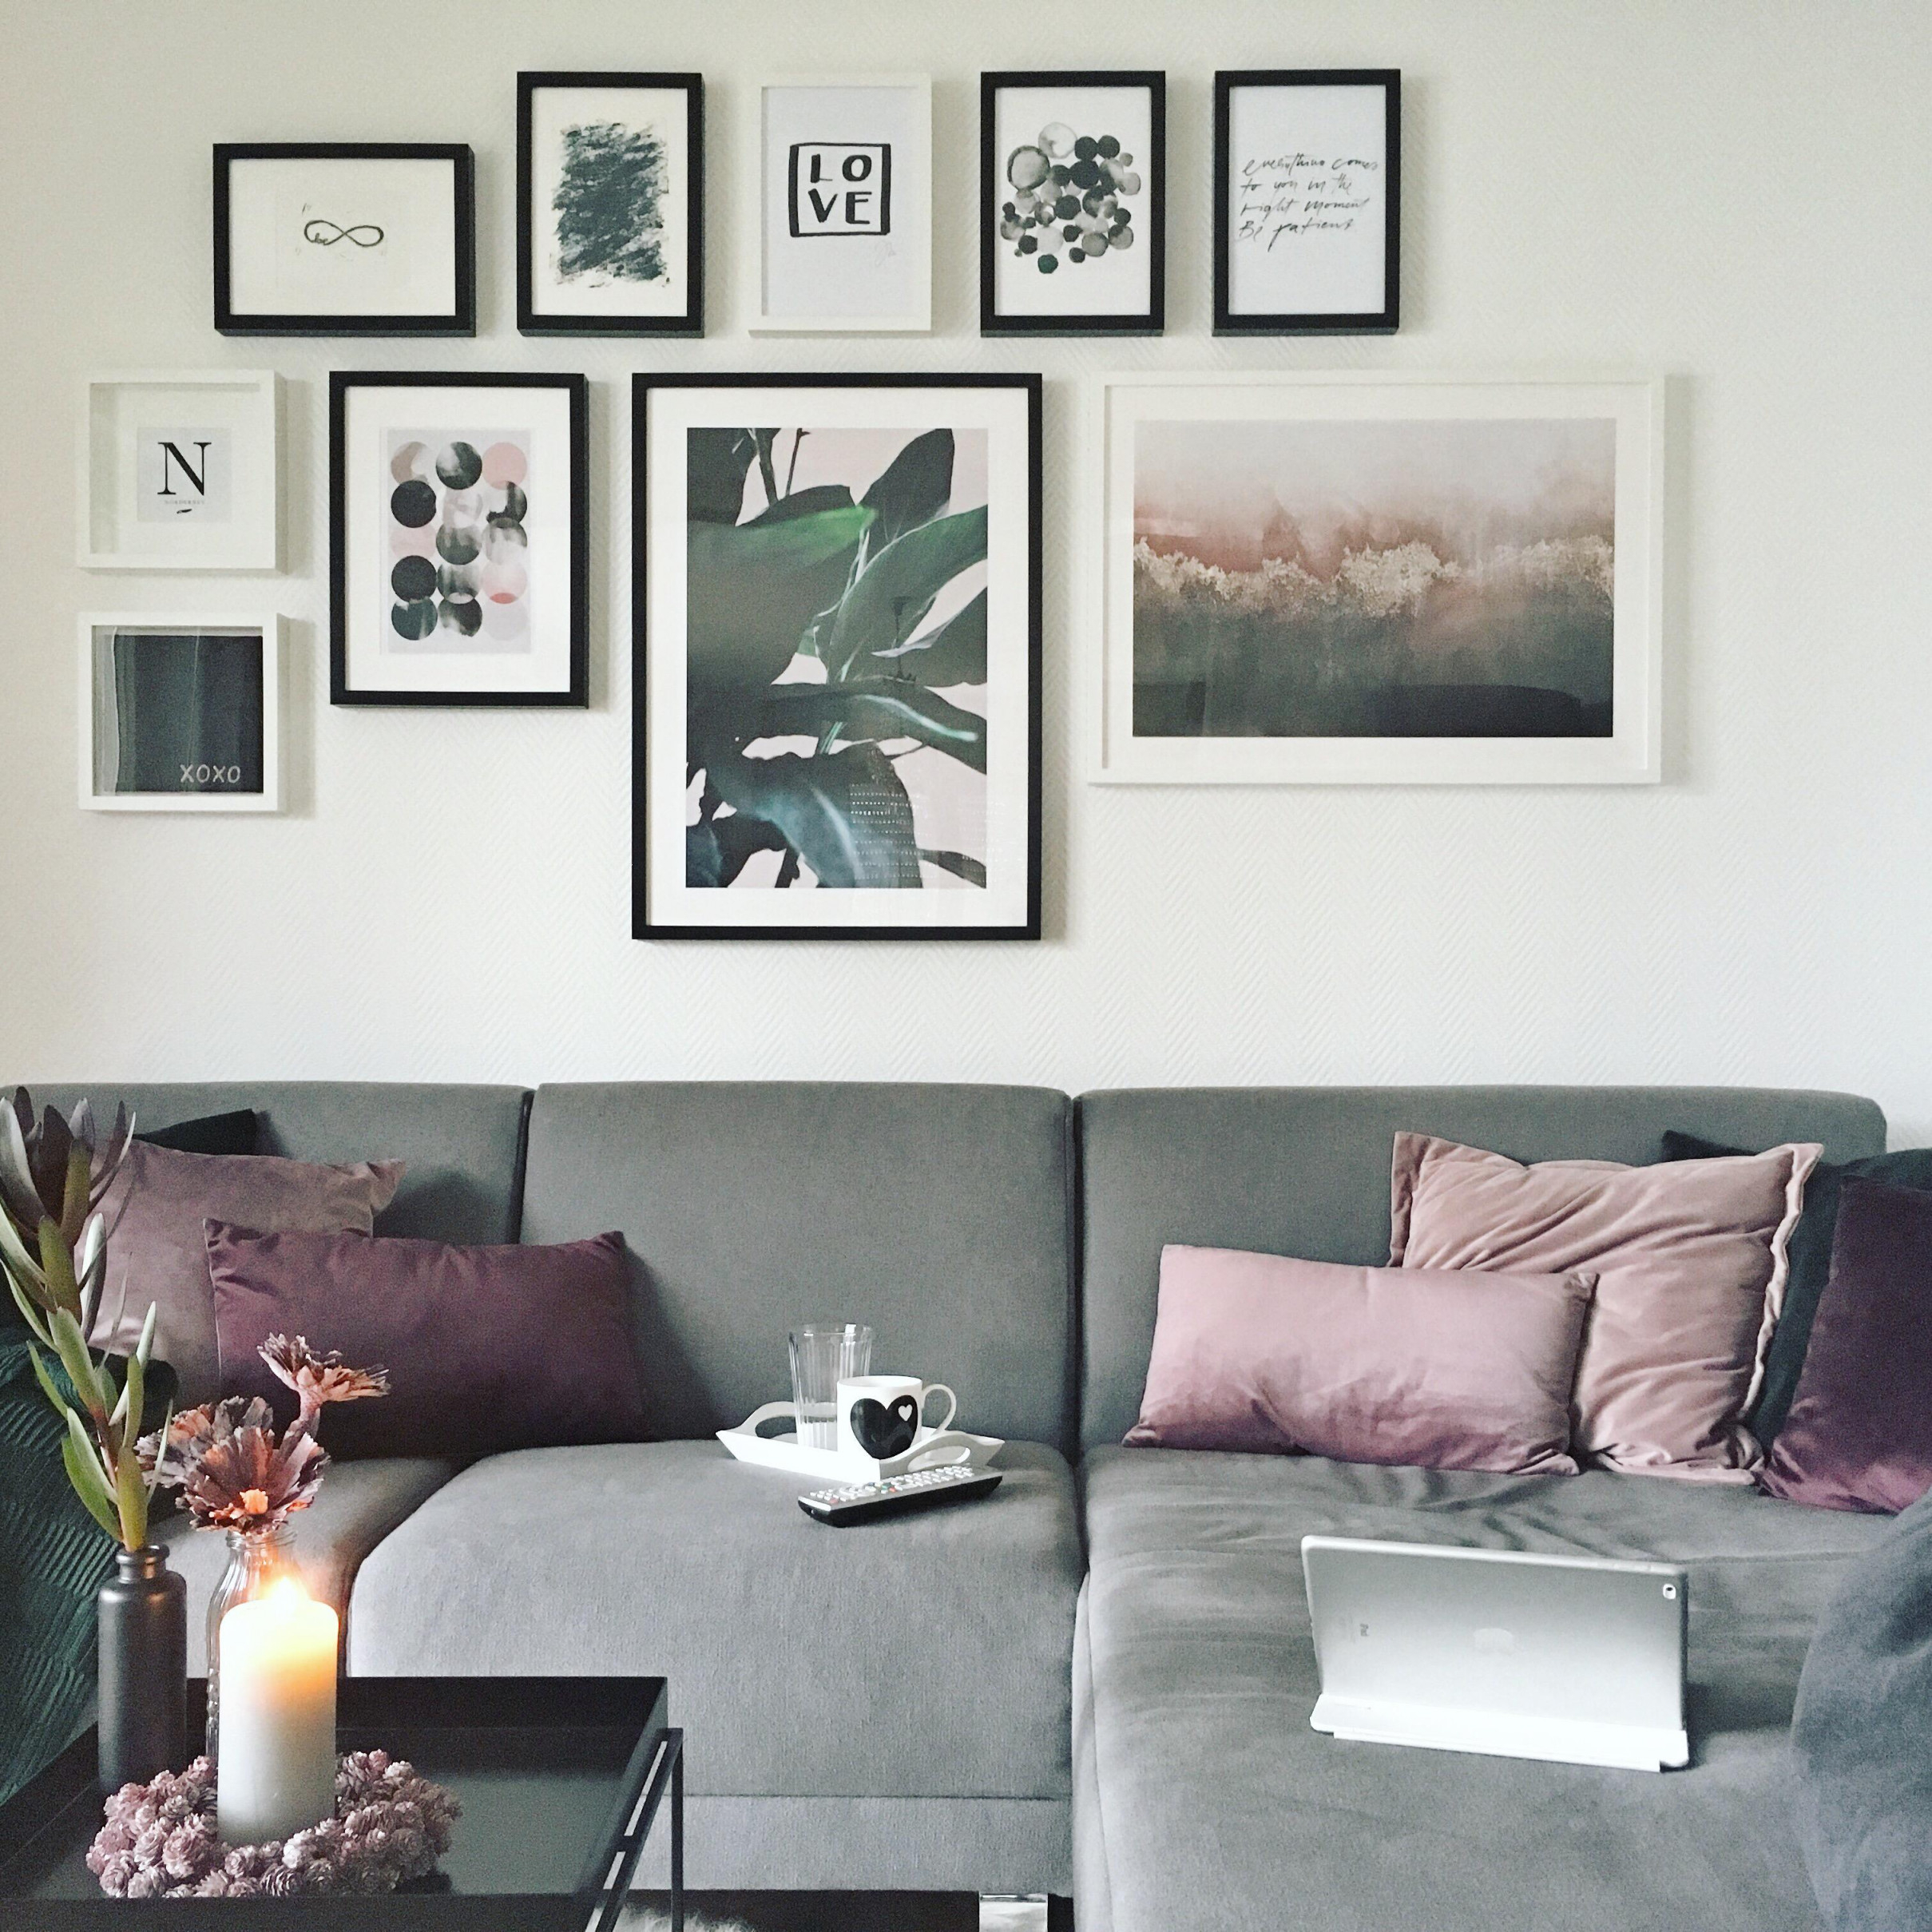 Bilderwand Wohnzimmer – Caseconrad von Bilderwand Gestalten Wohnzimmer Bild